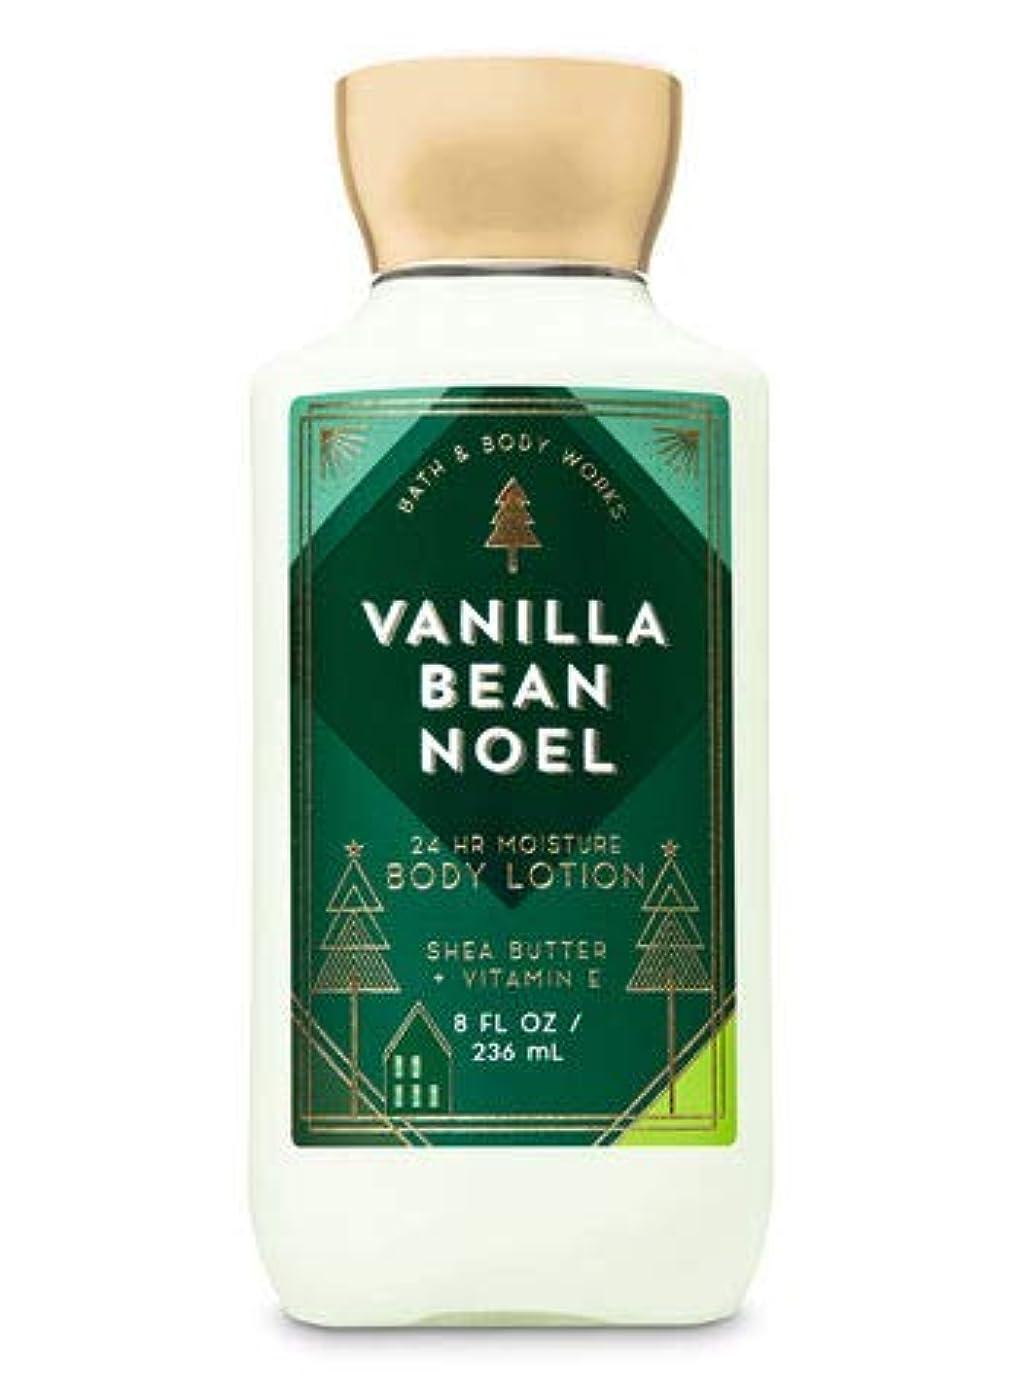 野菜人里離れたレモン【Bath&Body Works/バス&ボディワークス】 ボディローション バニラビーンノエル Body Lotion Vanilla Bean Noel 8 fl oz / 236 mL [並行輸入品]